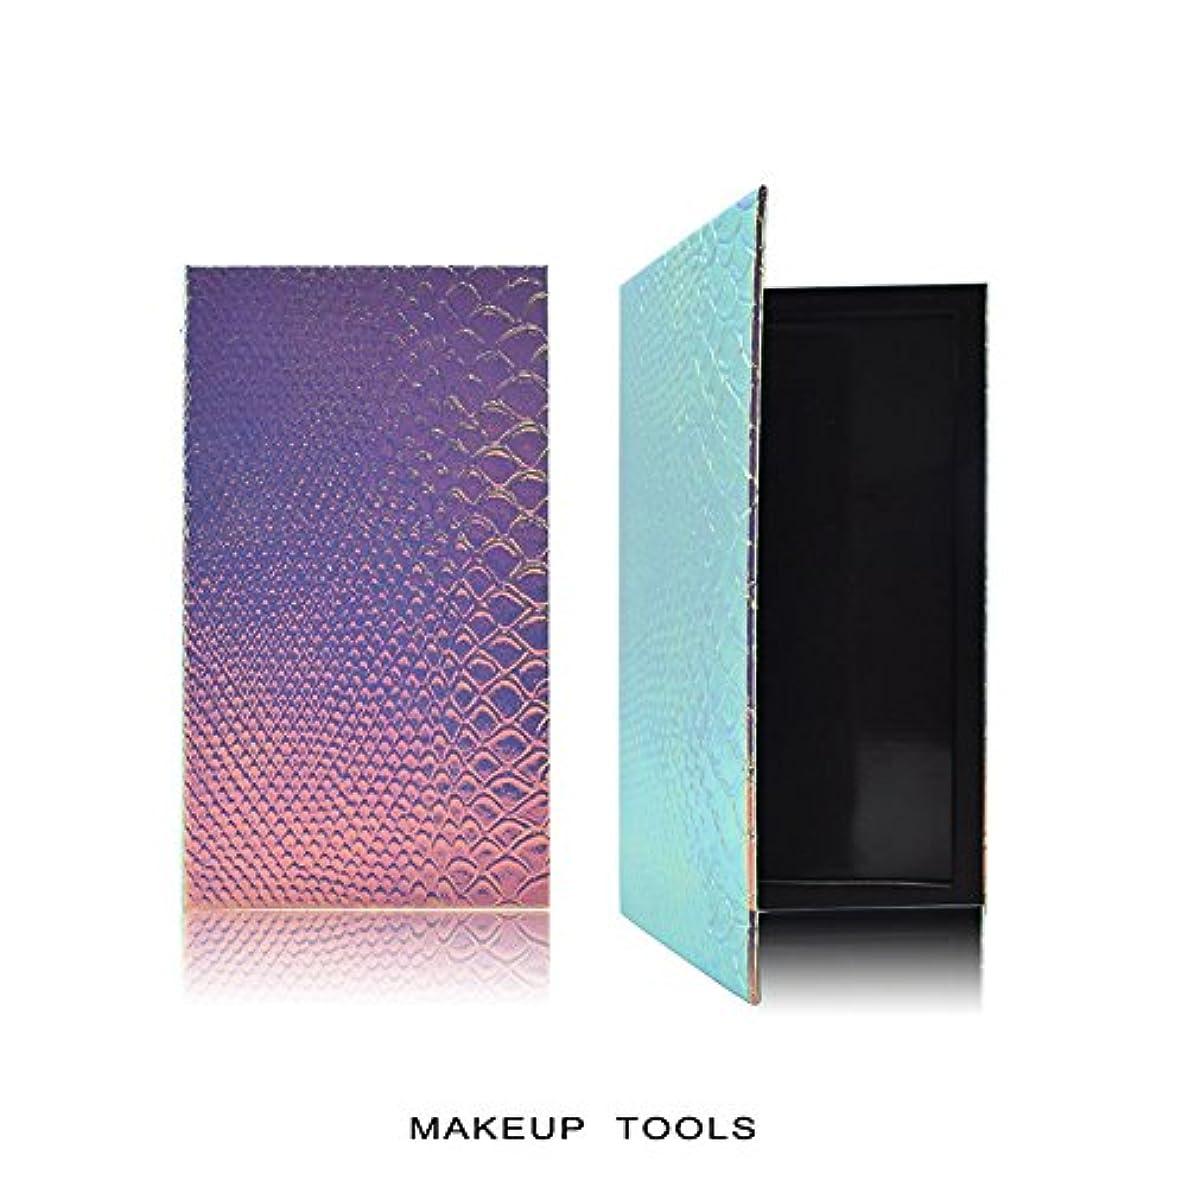 有効悪の完全にRaiFu アイシャドウ パレット 化粧 空の磁気 自作携帯型 美容 化粧品の保管ツール うろこ 18*10CM